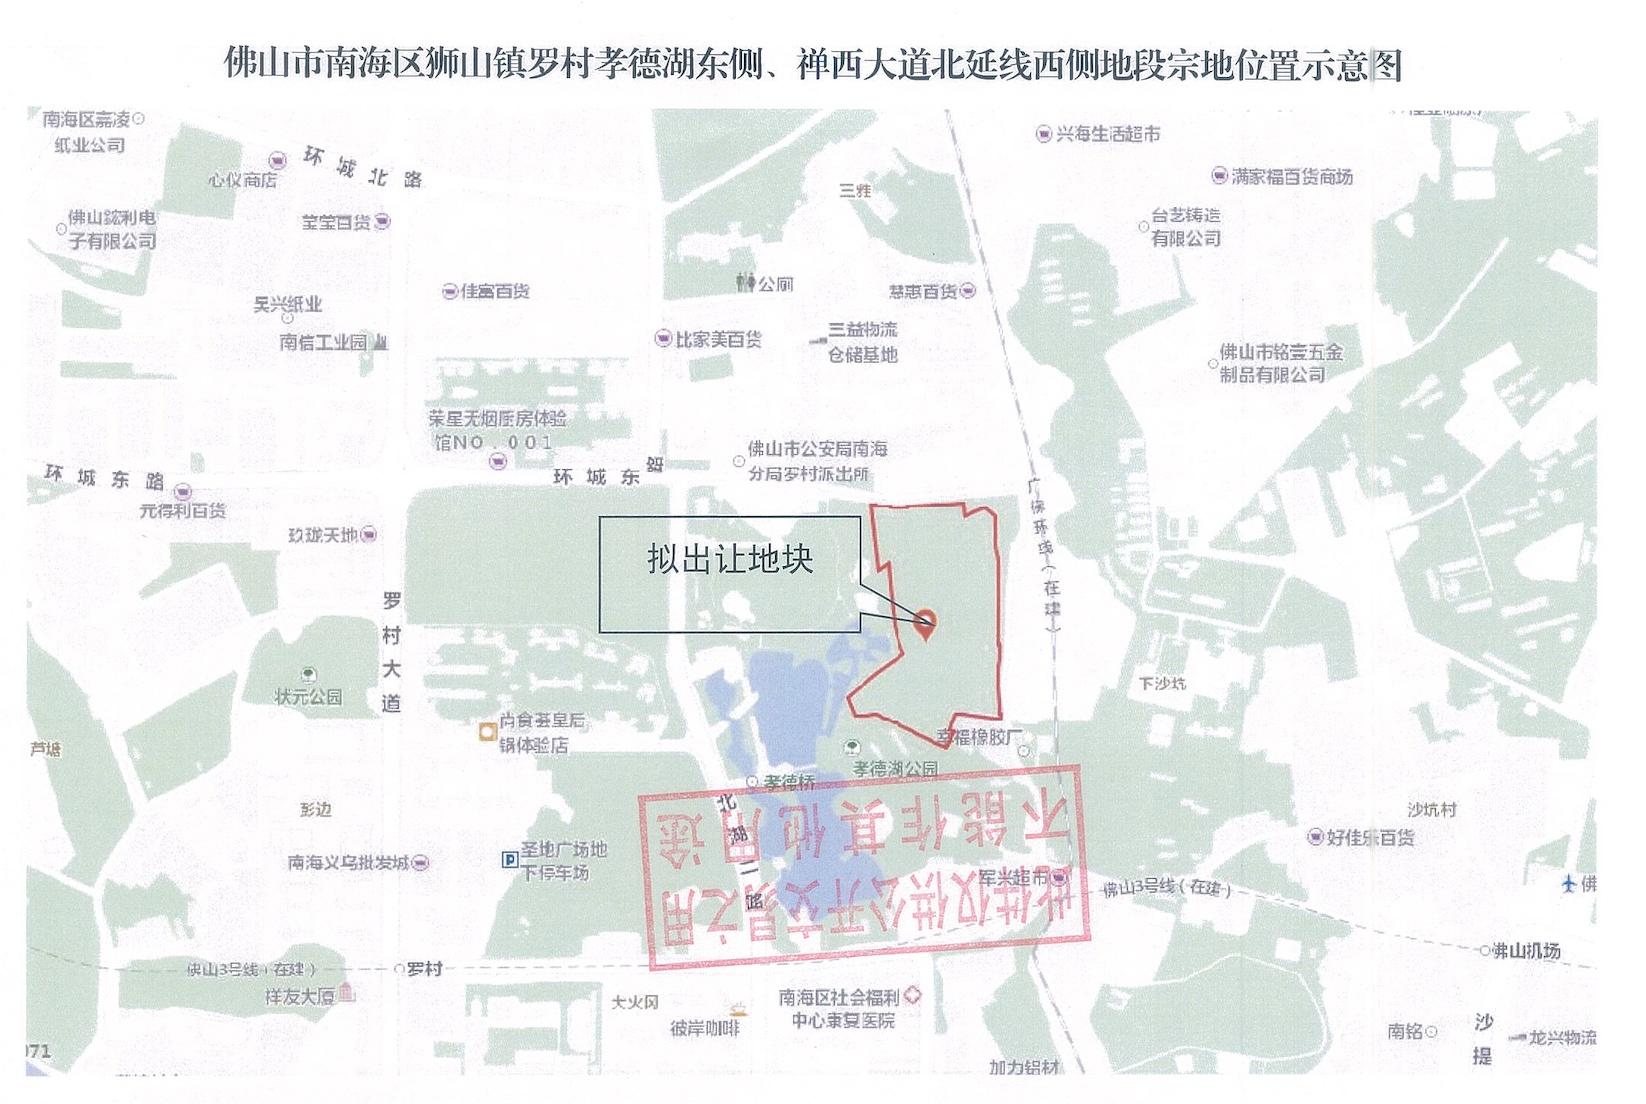 地块位置示意图。图来源:佛山市公共资源交易中心